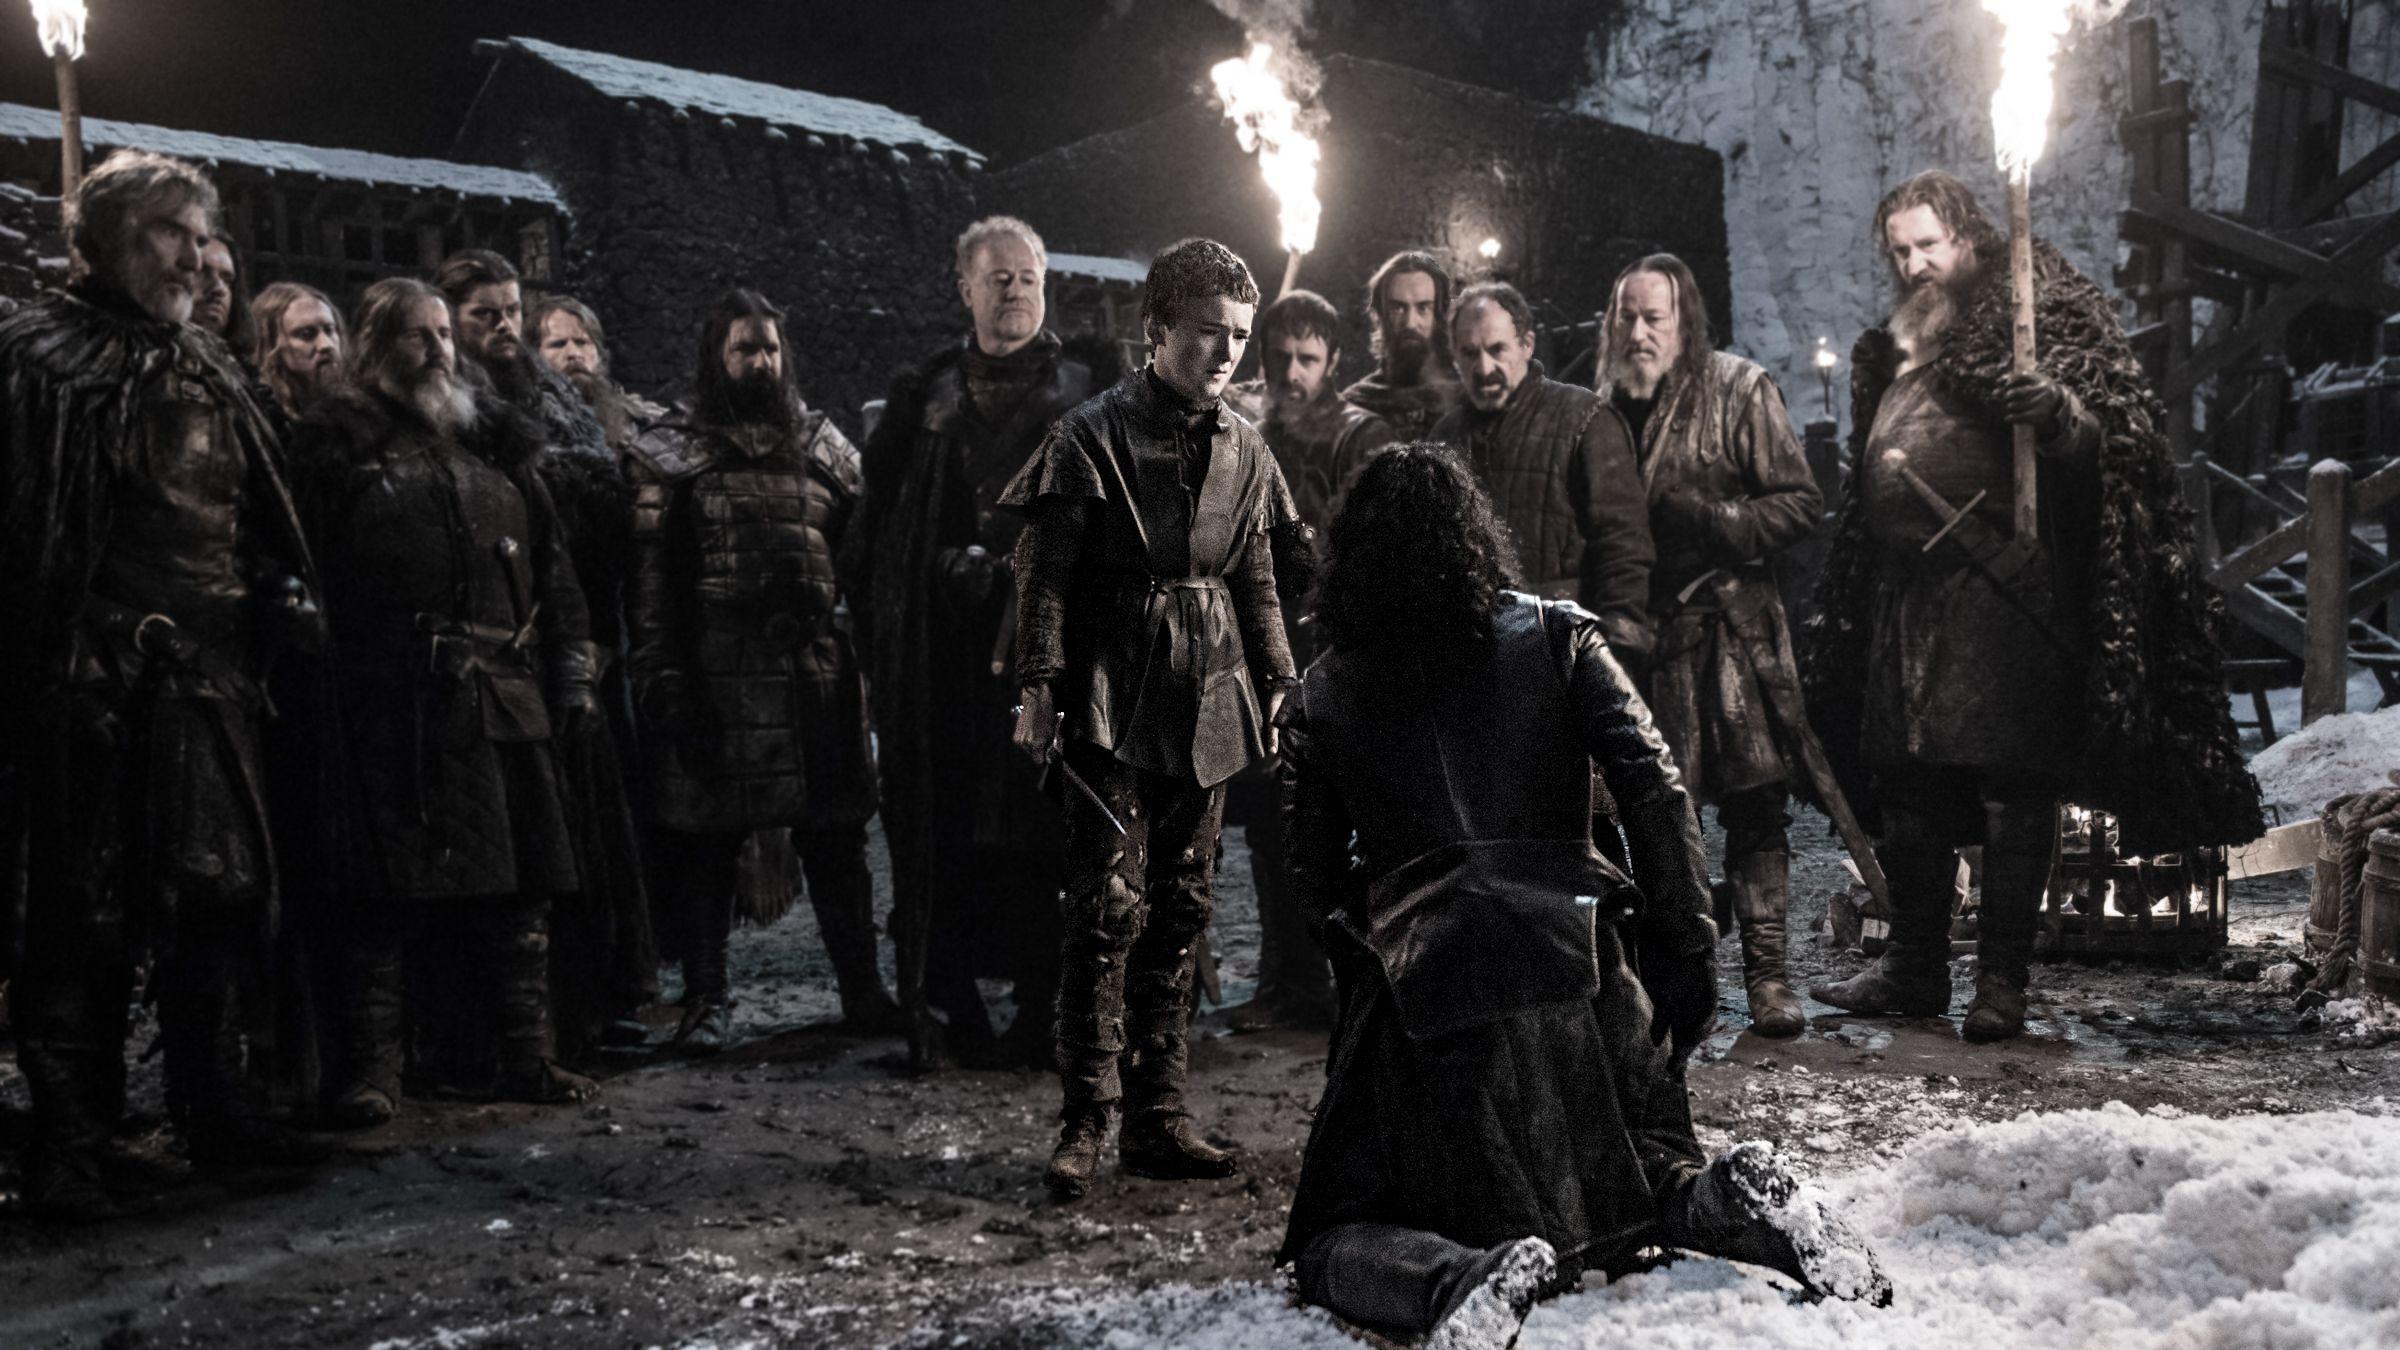 #FilosofíaAplicada Jon Snow sólo sabe que no sabe nada